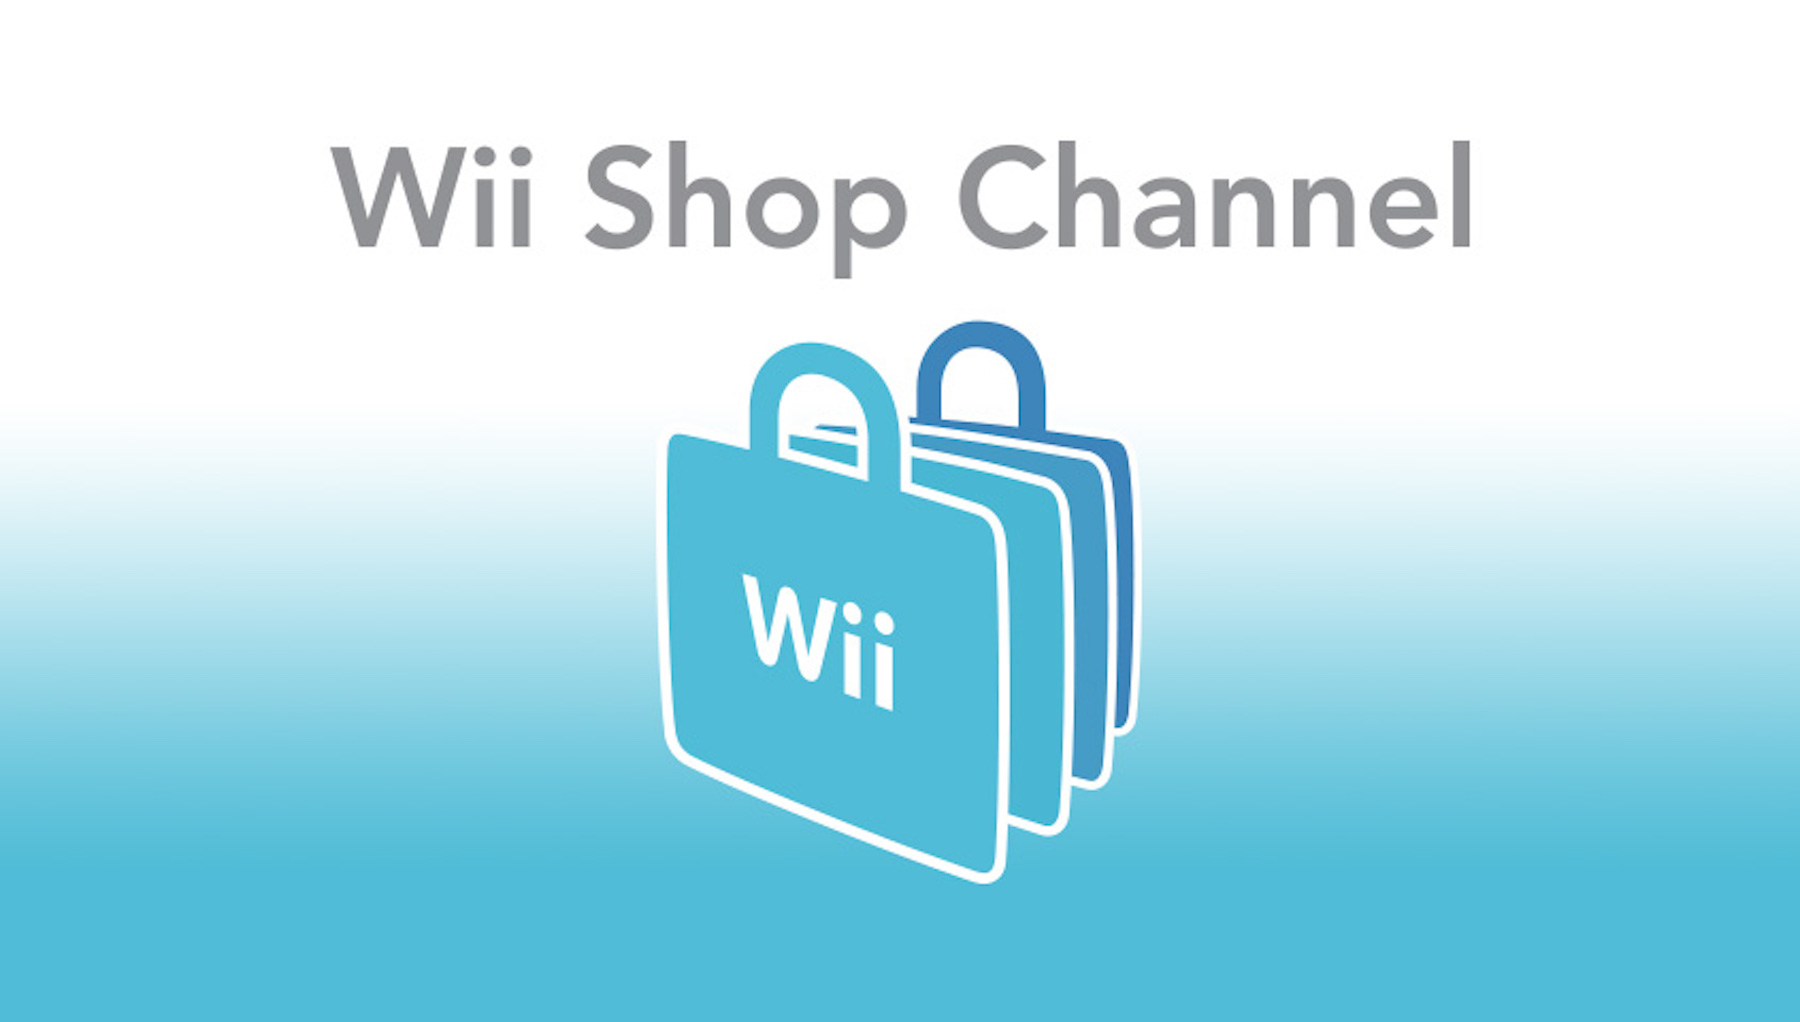 wii shop channel art